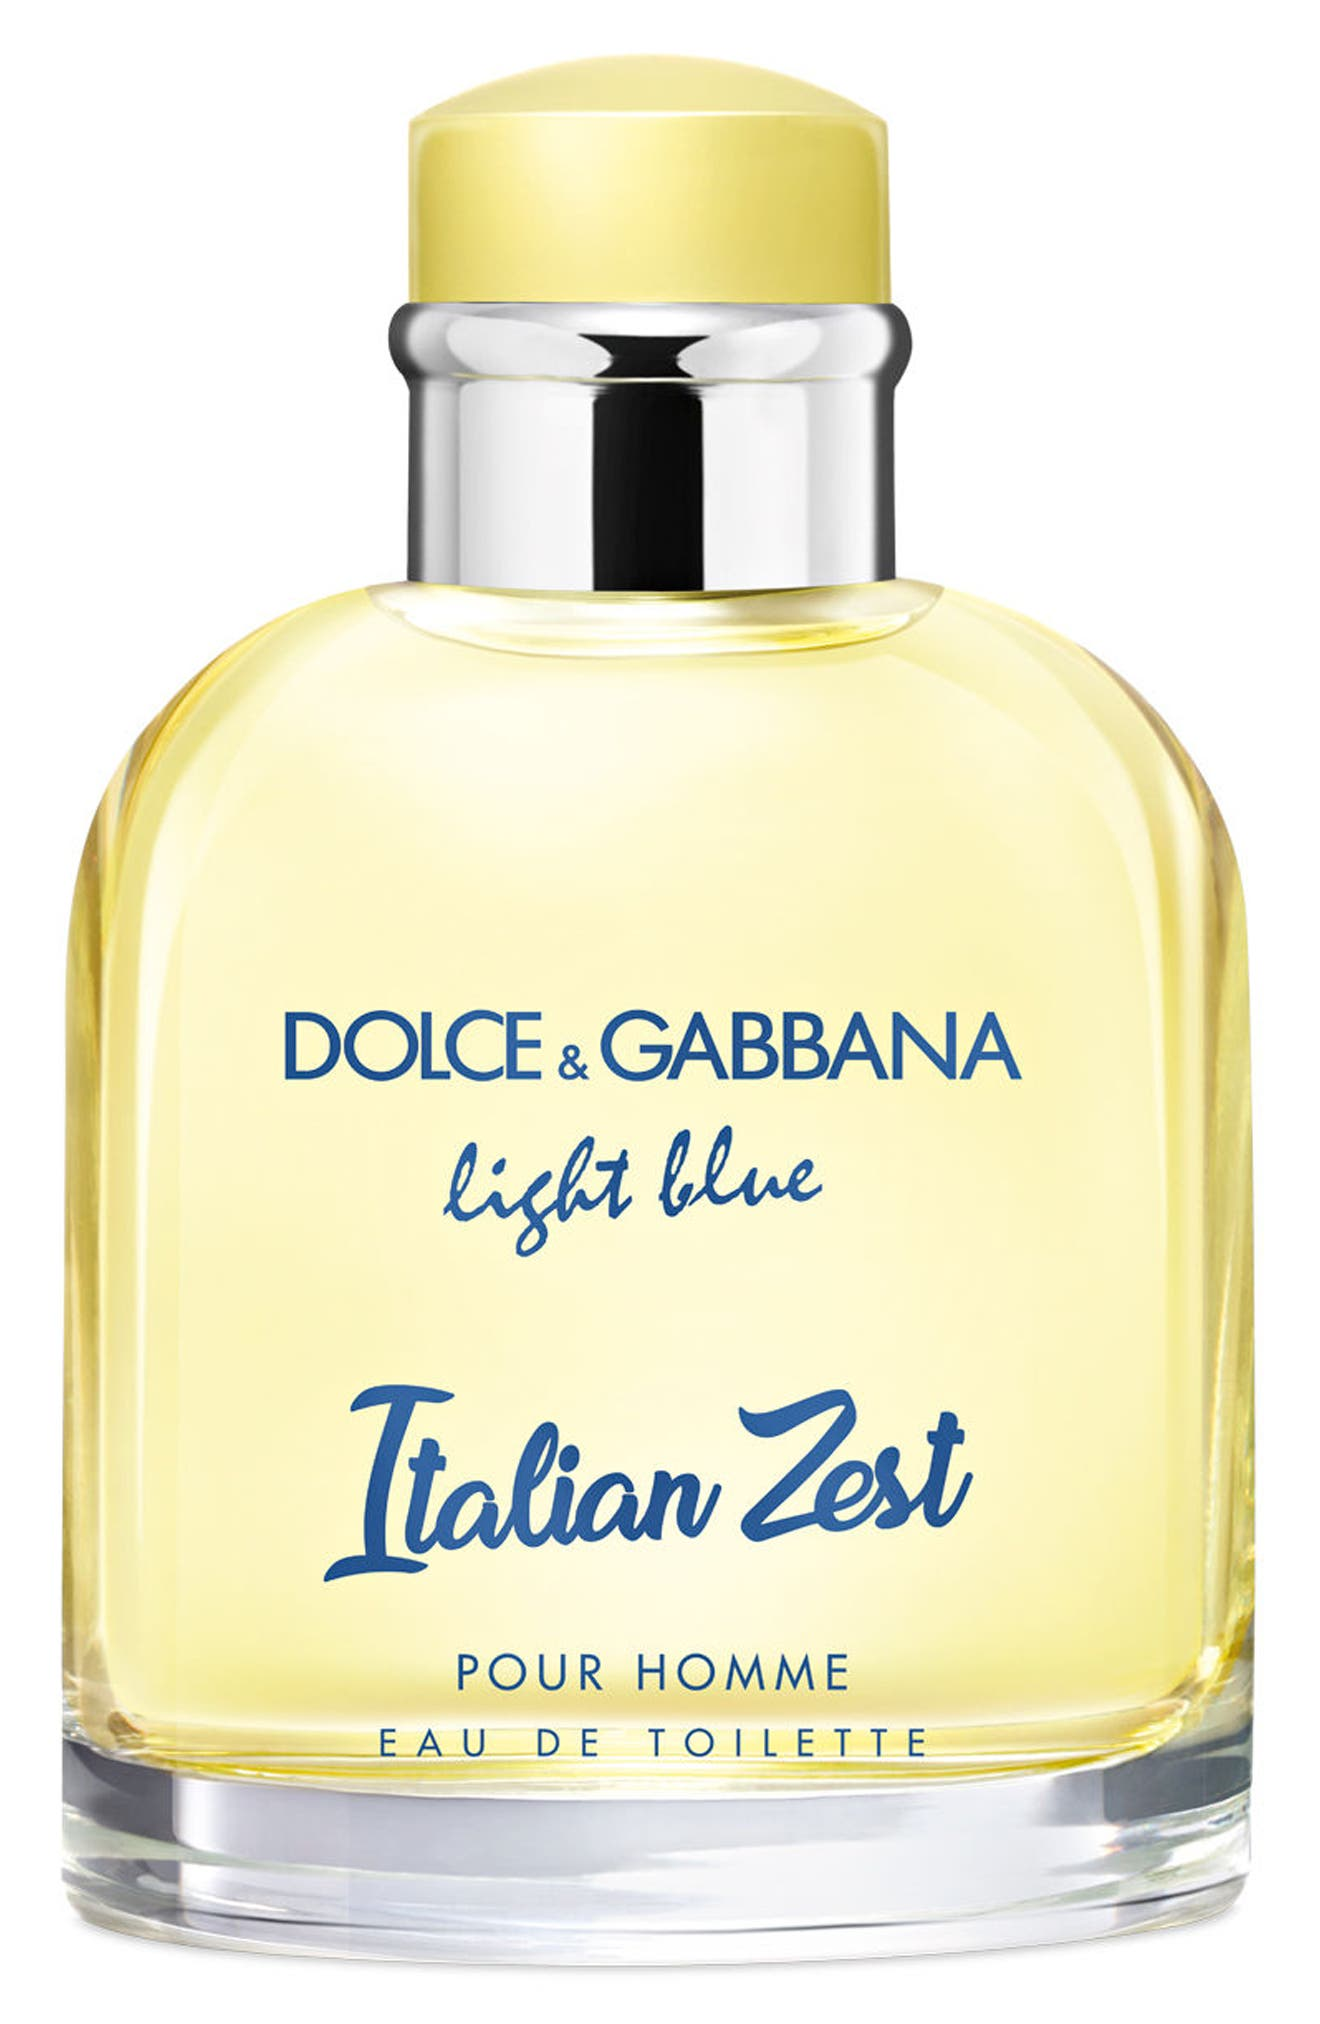 Dolce&Gabbana Light Blue Italian Zest pour Homme Eau de Toilette,                             Main thumbnail 1, color,                             000